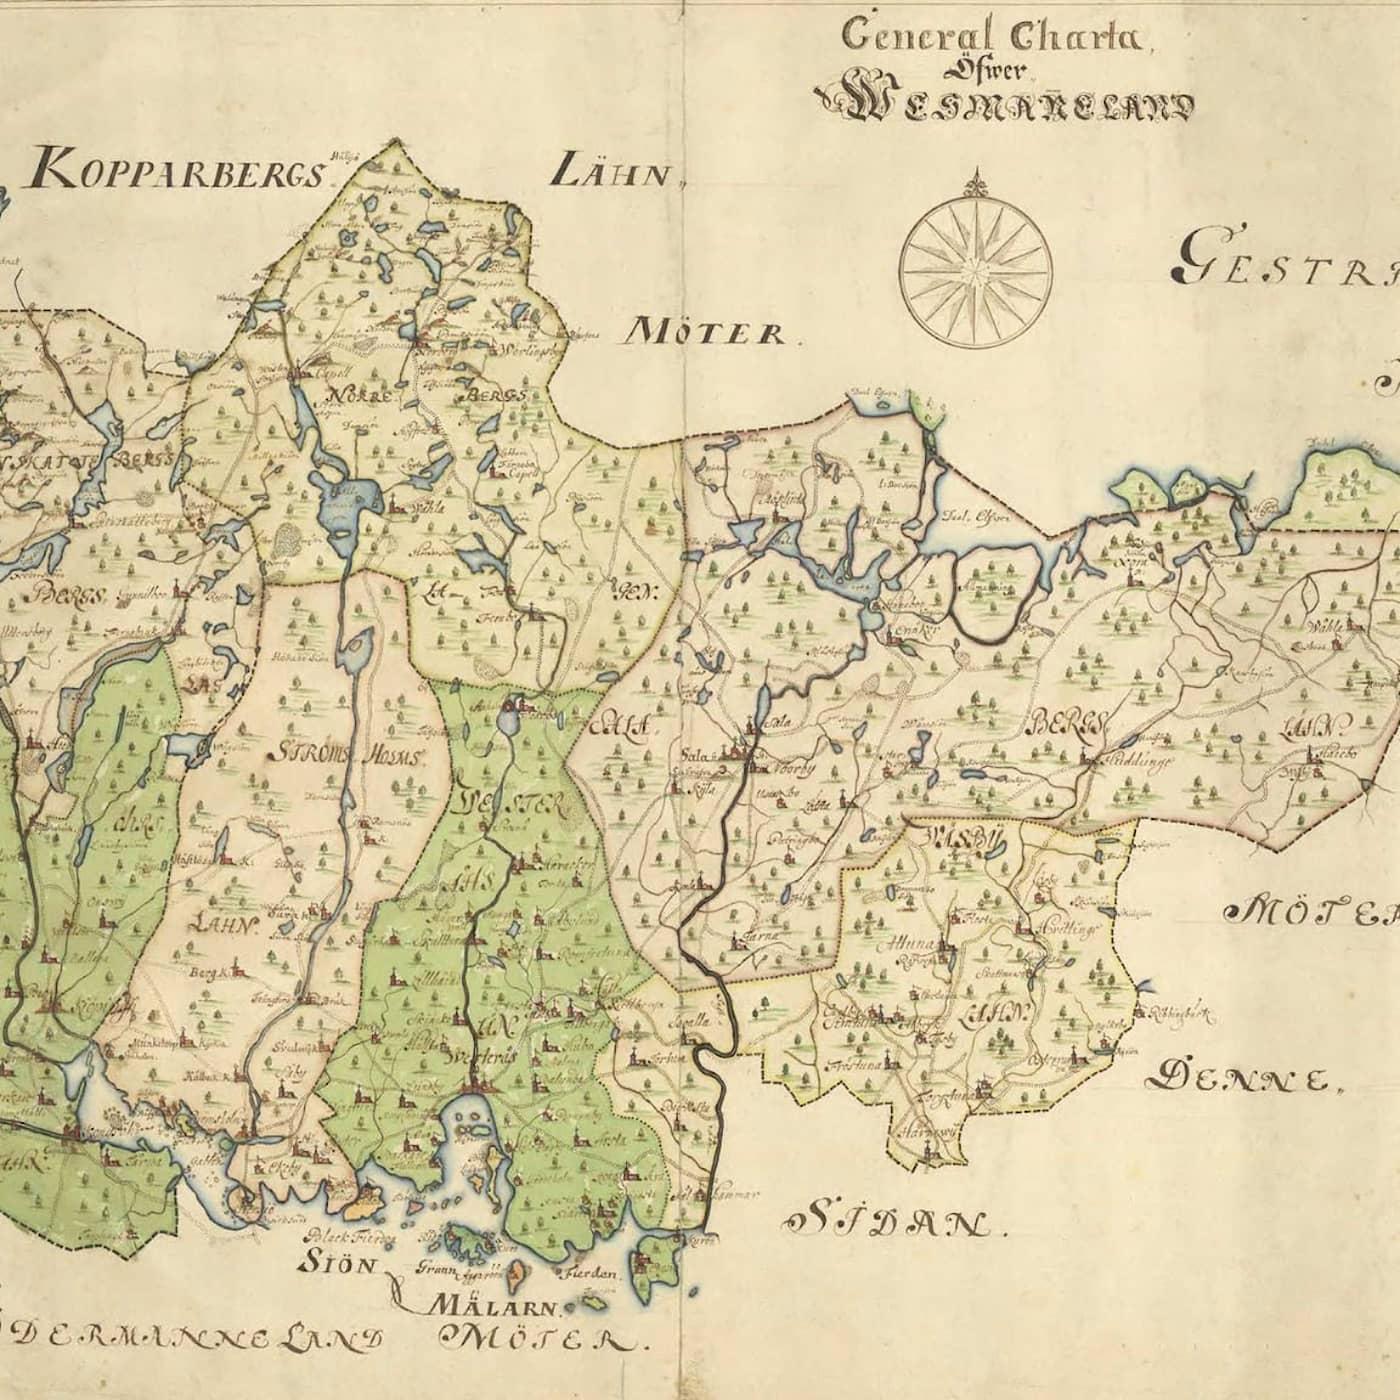 Västmanländska– en gnällig icke-dialekt?